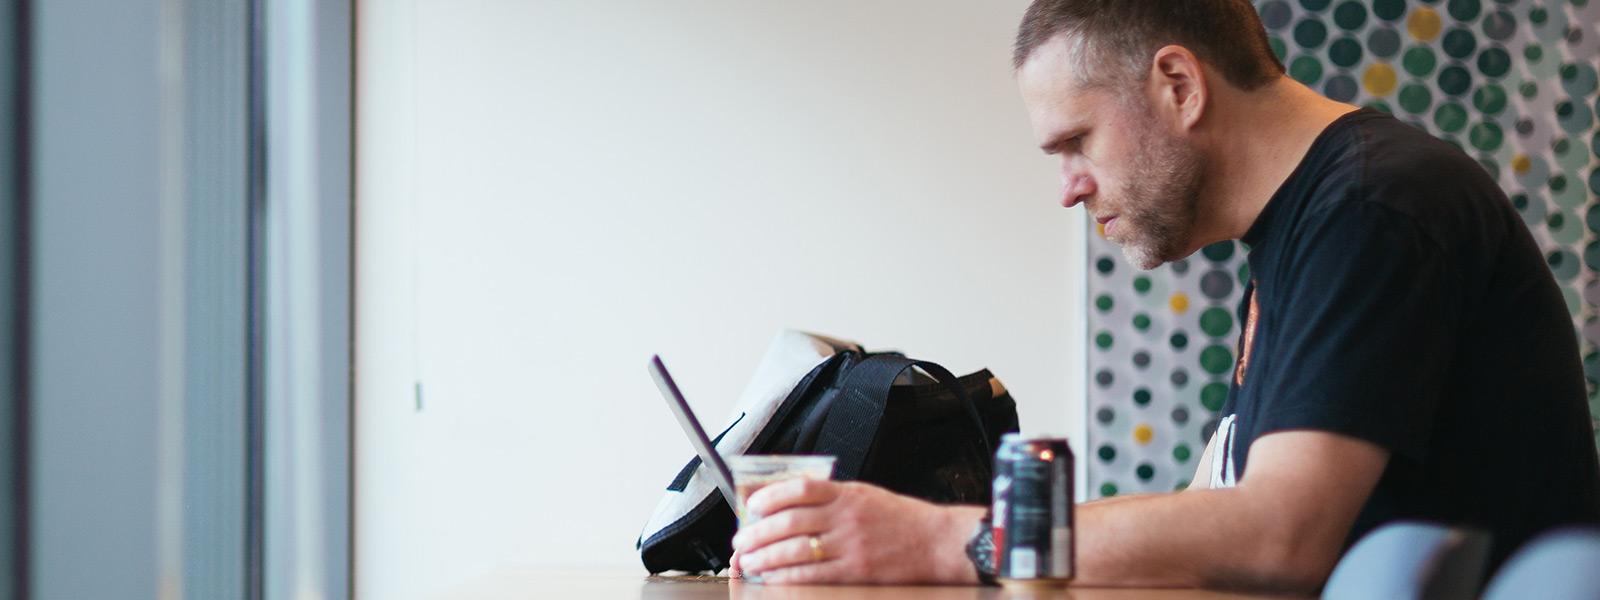 En mann sitter ved et skrivebord og arbeider på Windows 10-datamaskinen sin